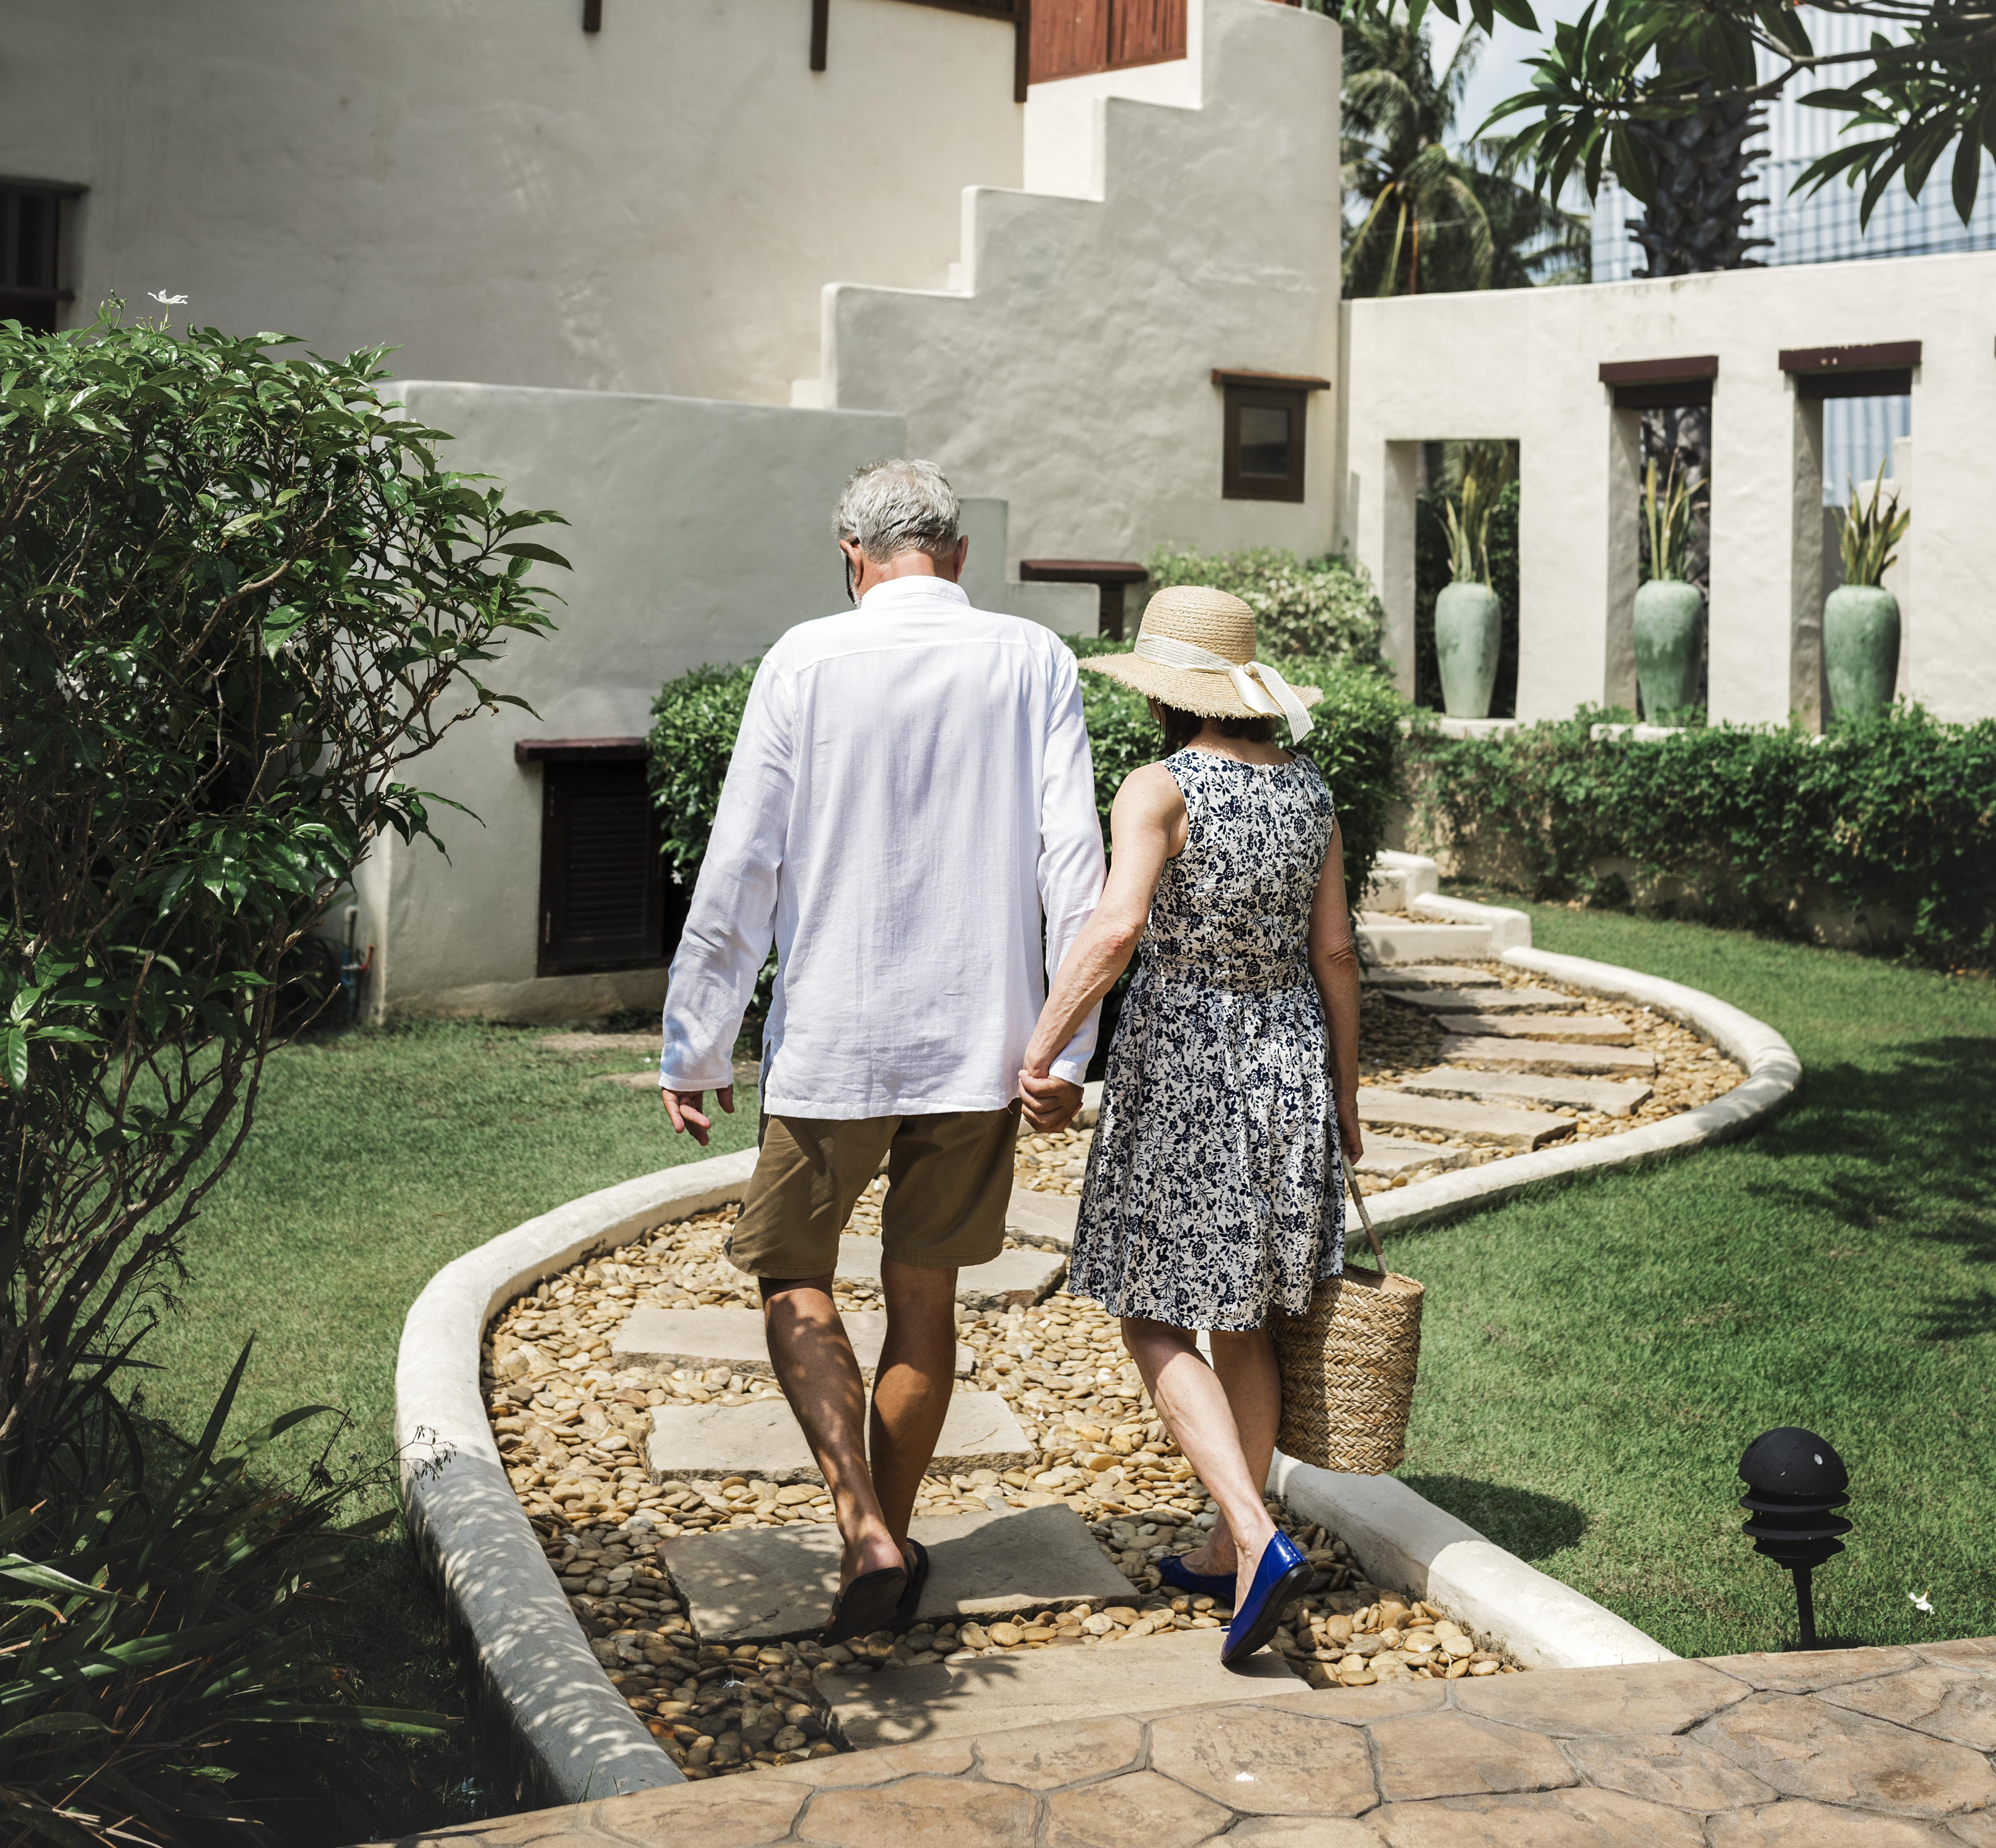 Studie: Eigentümern geht es im Alter finanziell besser als Mietern